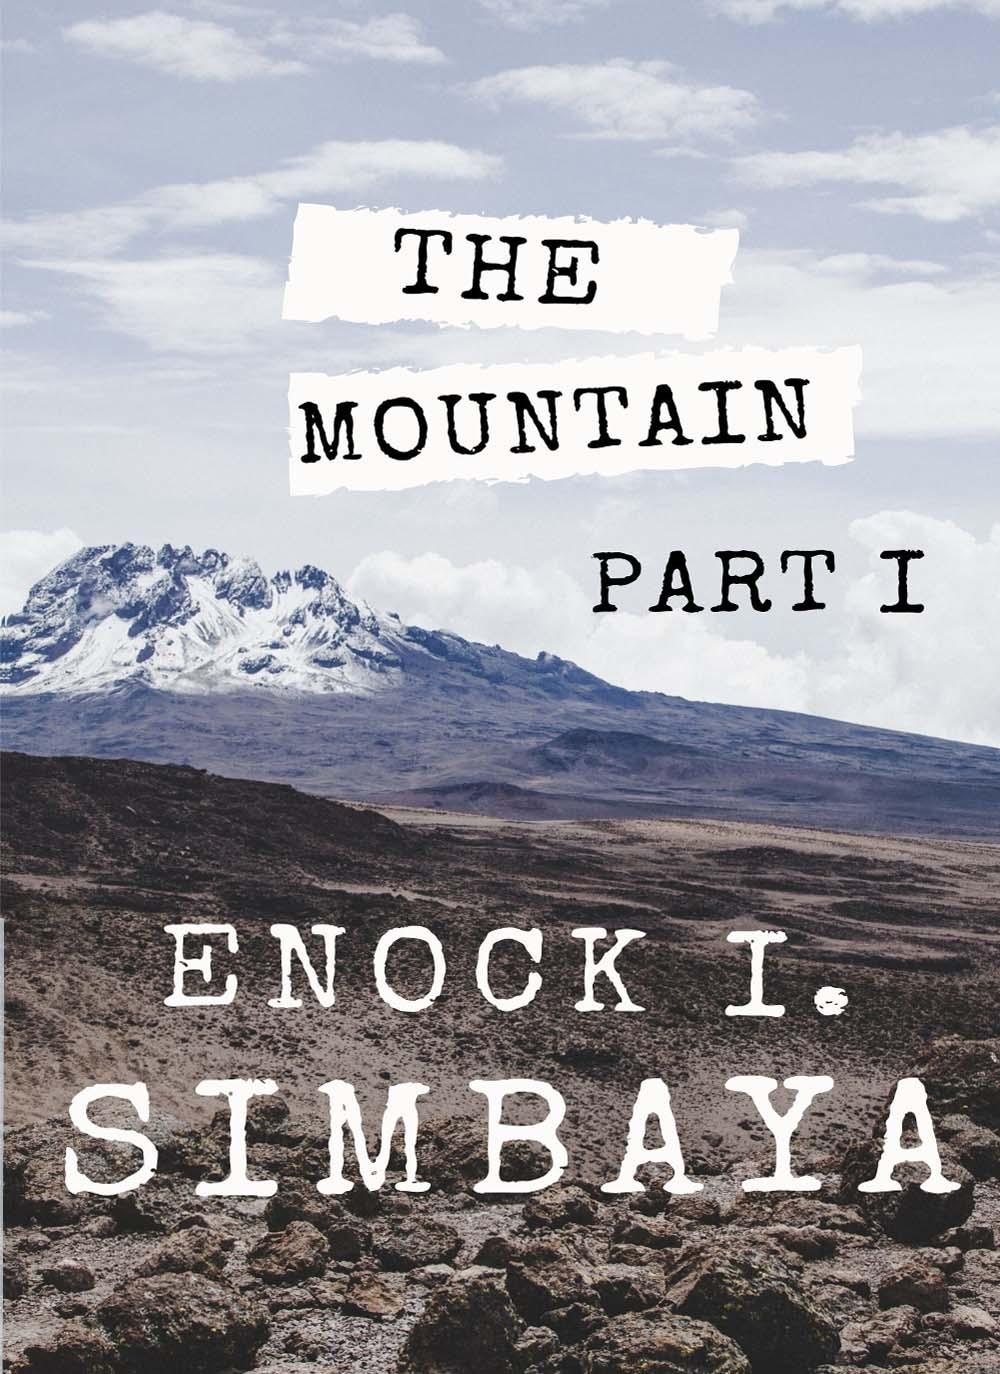 The Mountain (Part I)